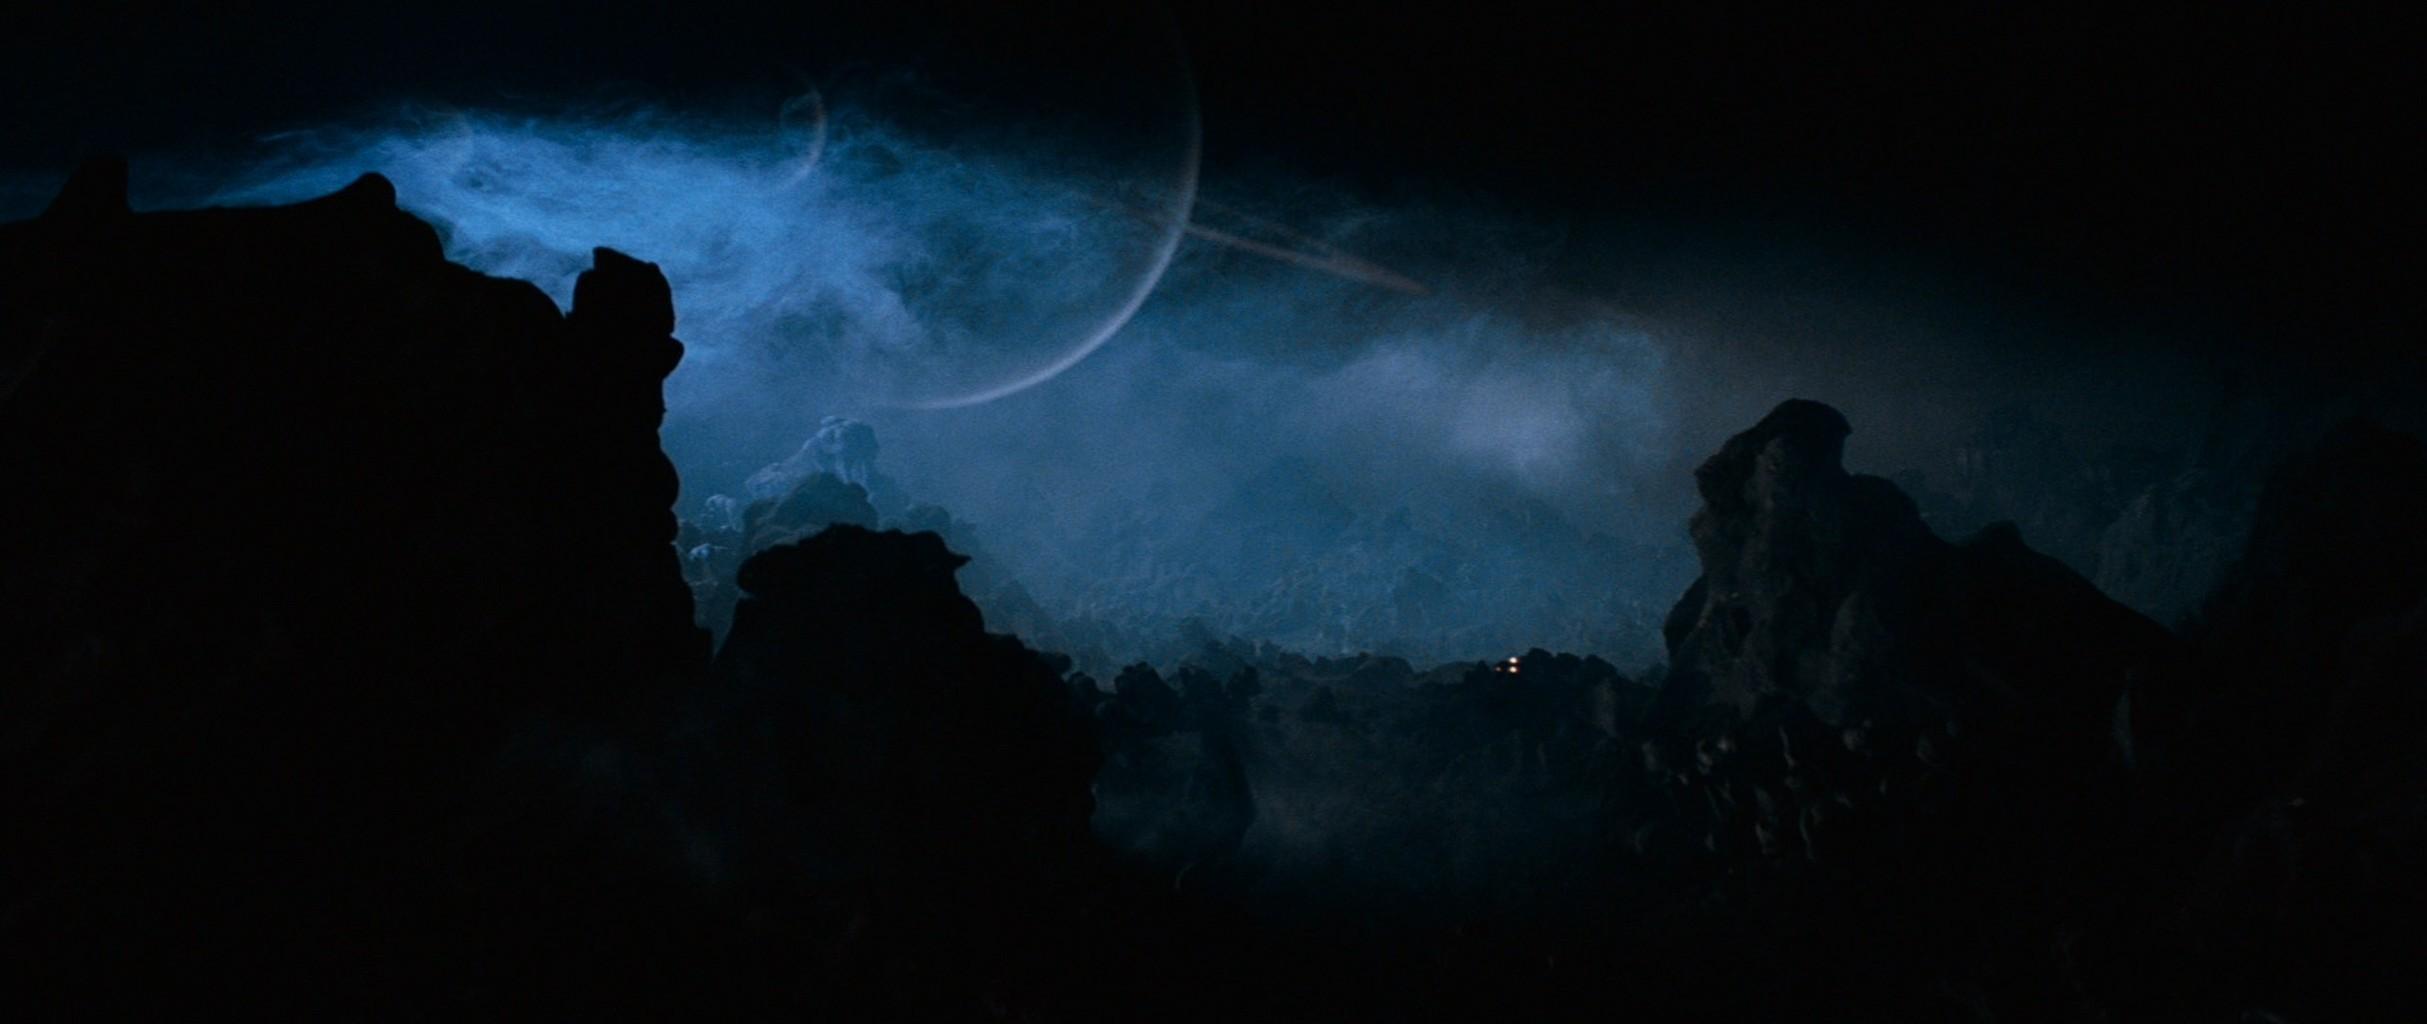 映画『エイリアン』ノストロモ号画像